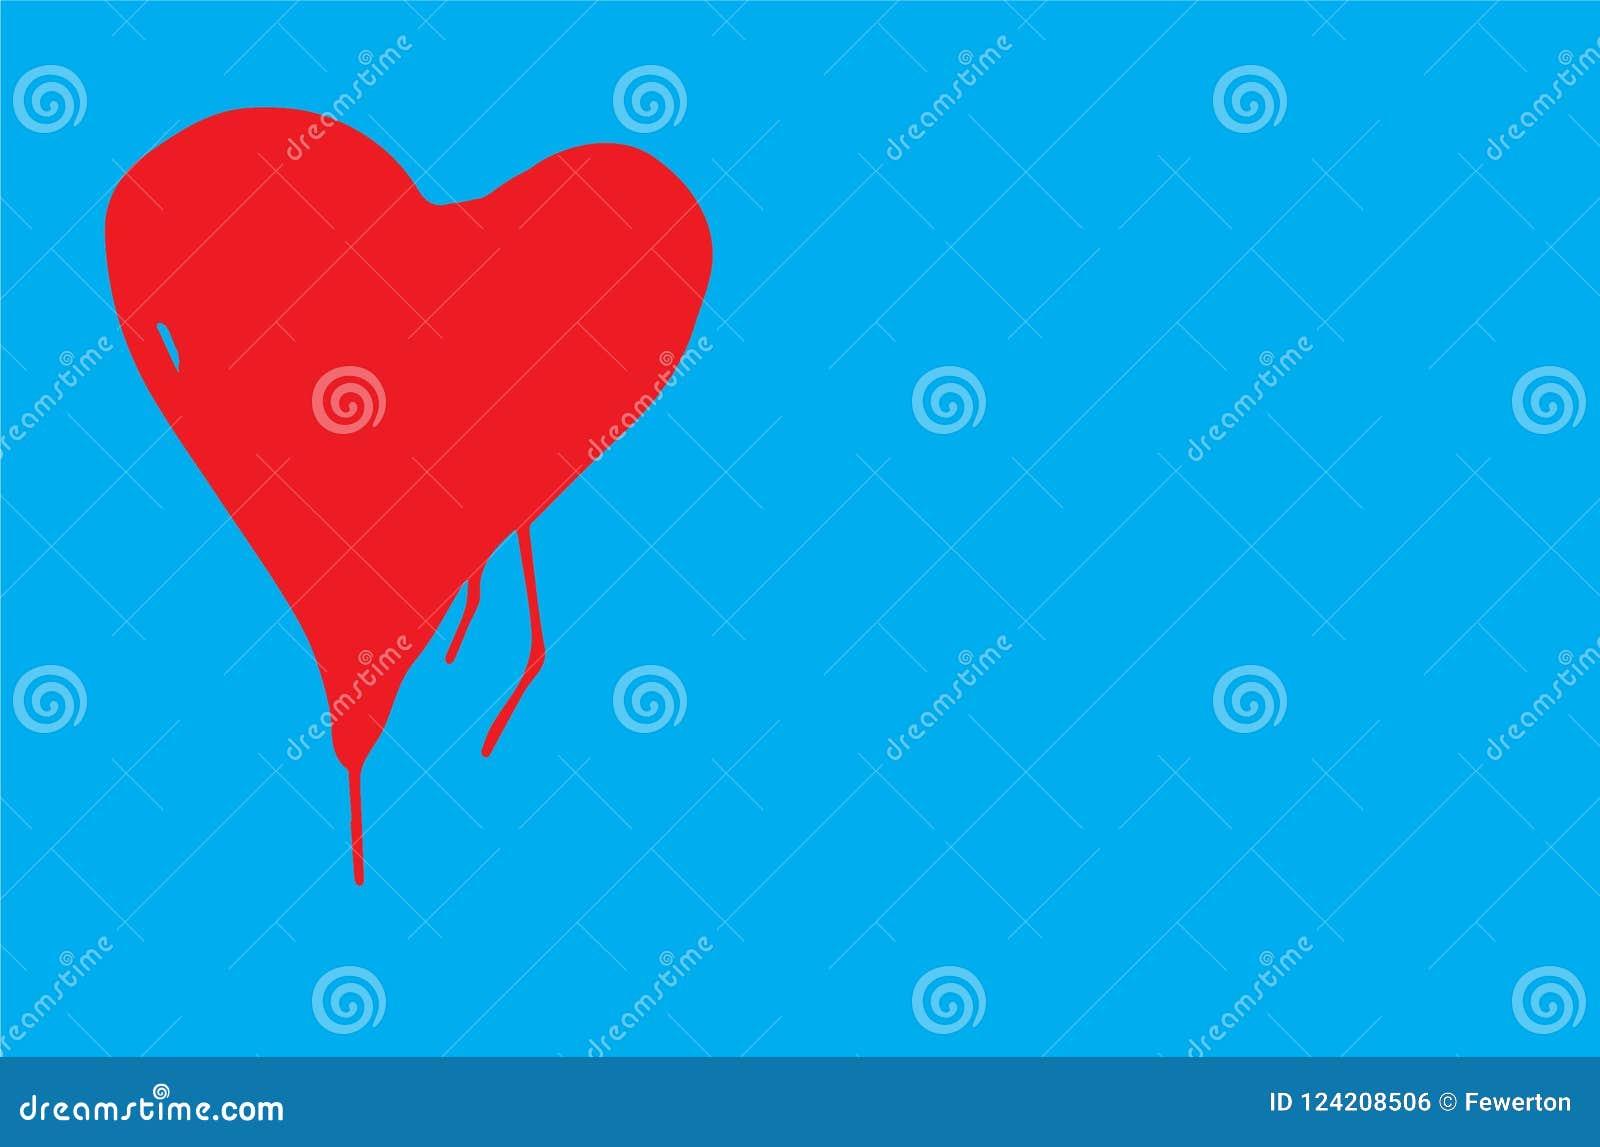 O coração da cor vermelha com forma imperfeita e pintura goteja em uma ilustração azul do vetor do fundo